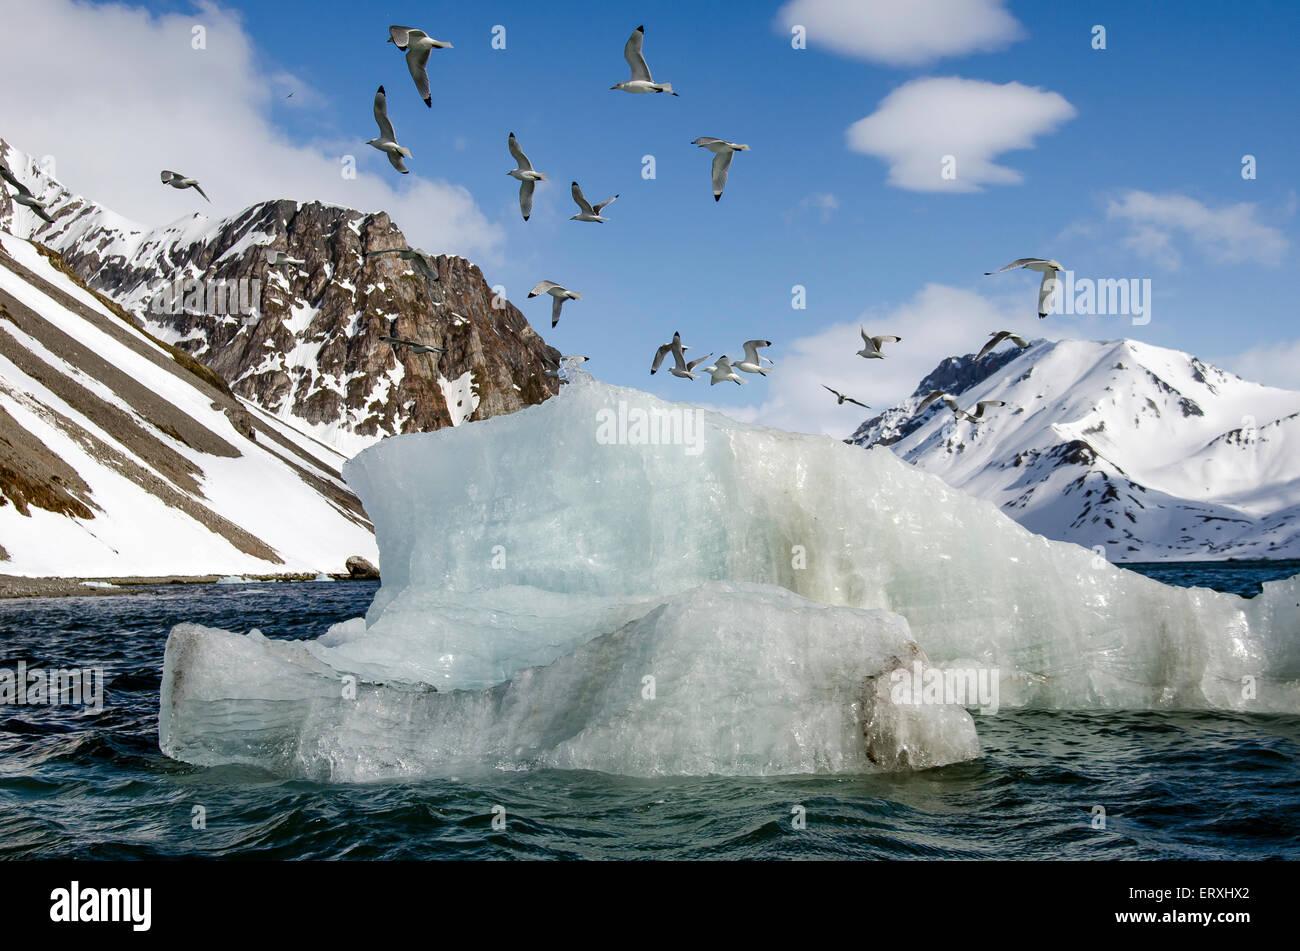 Floating ice and birds at Burgerbukta Svalbard Norway Scandinavia Arctic Circle - Stock Image